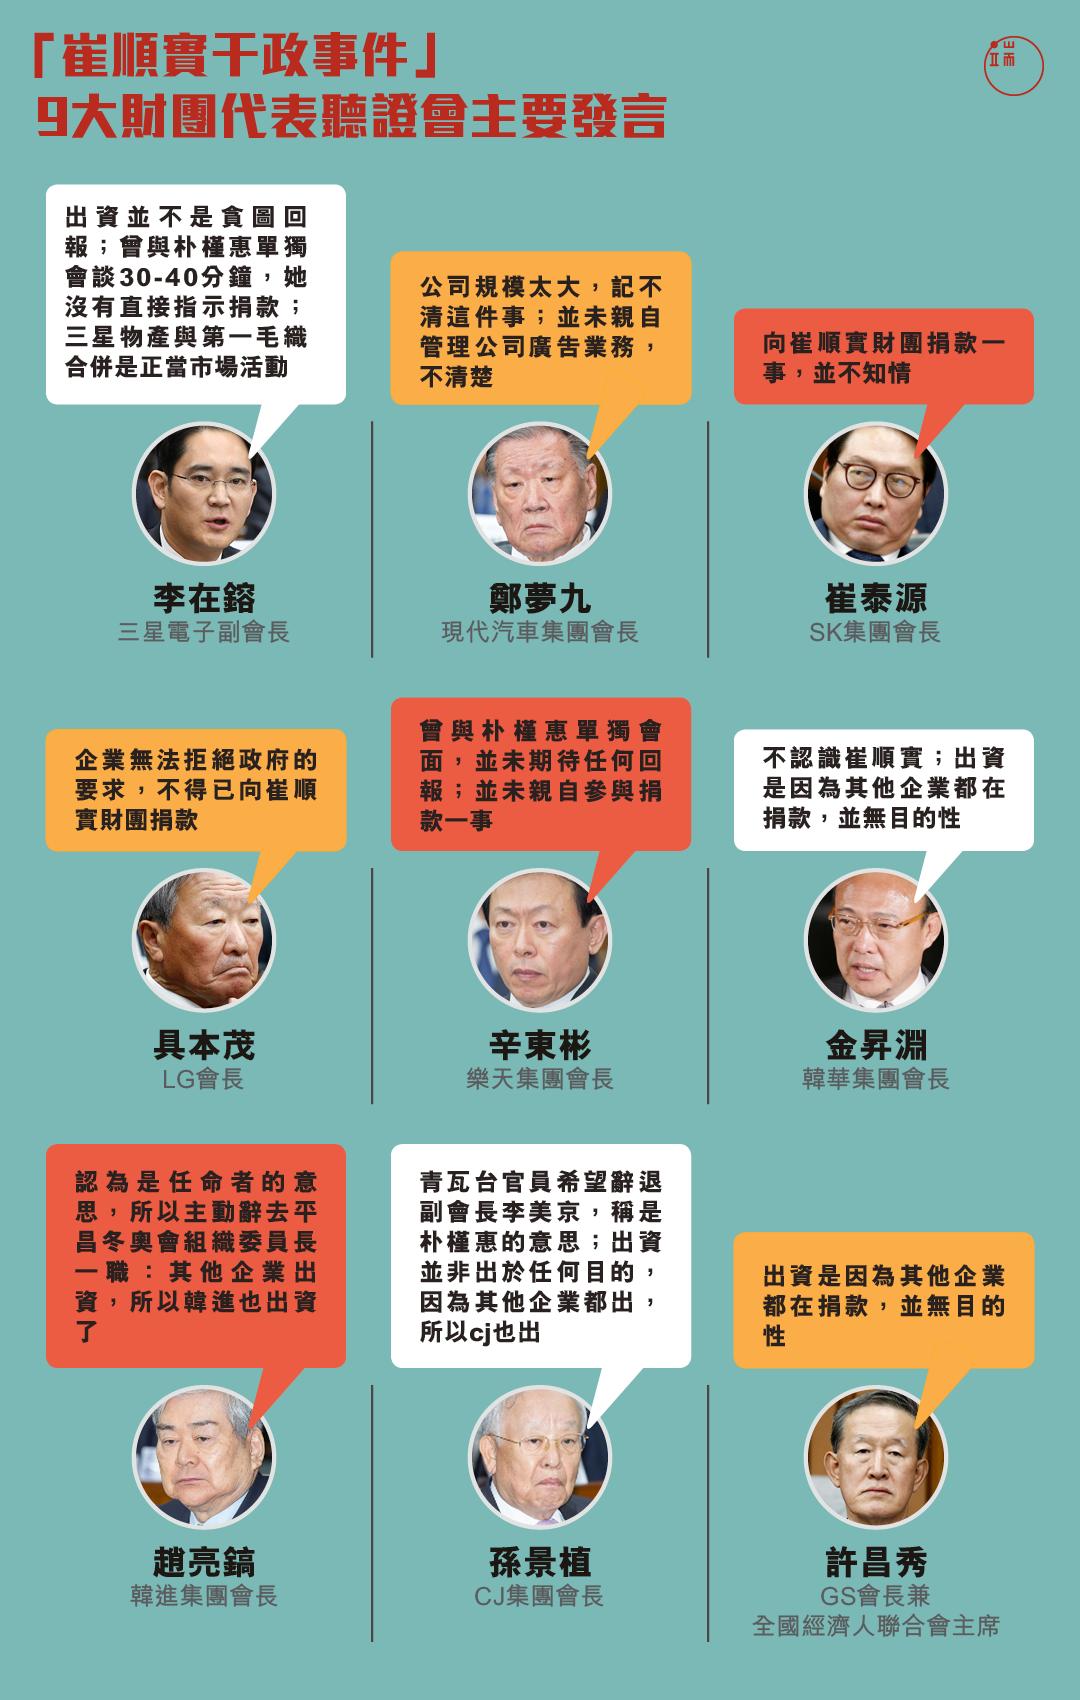 「崔順實干政事件」聽證會,九大財團代表主要發言。